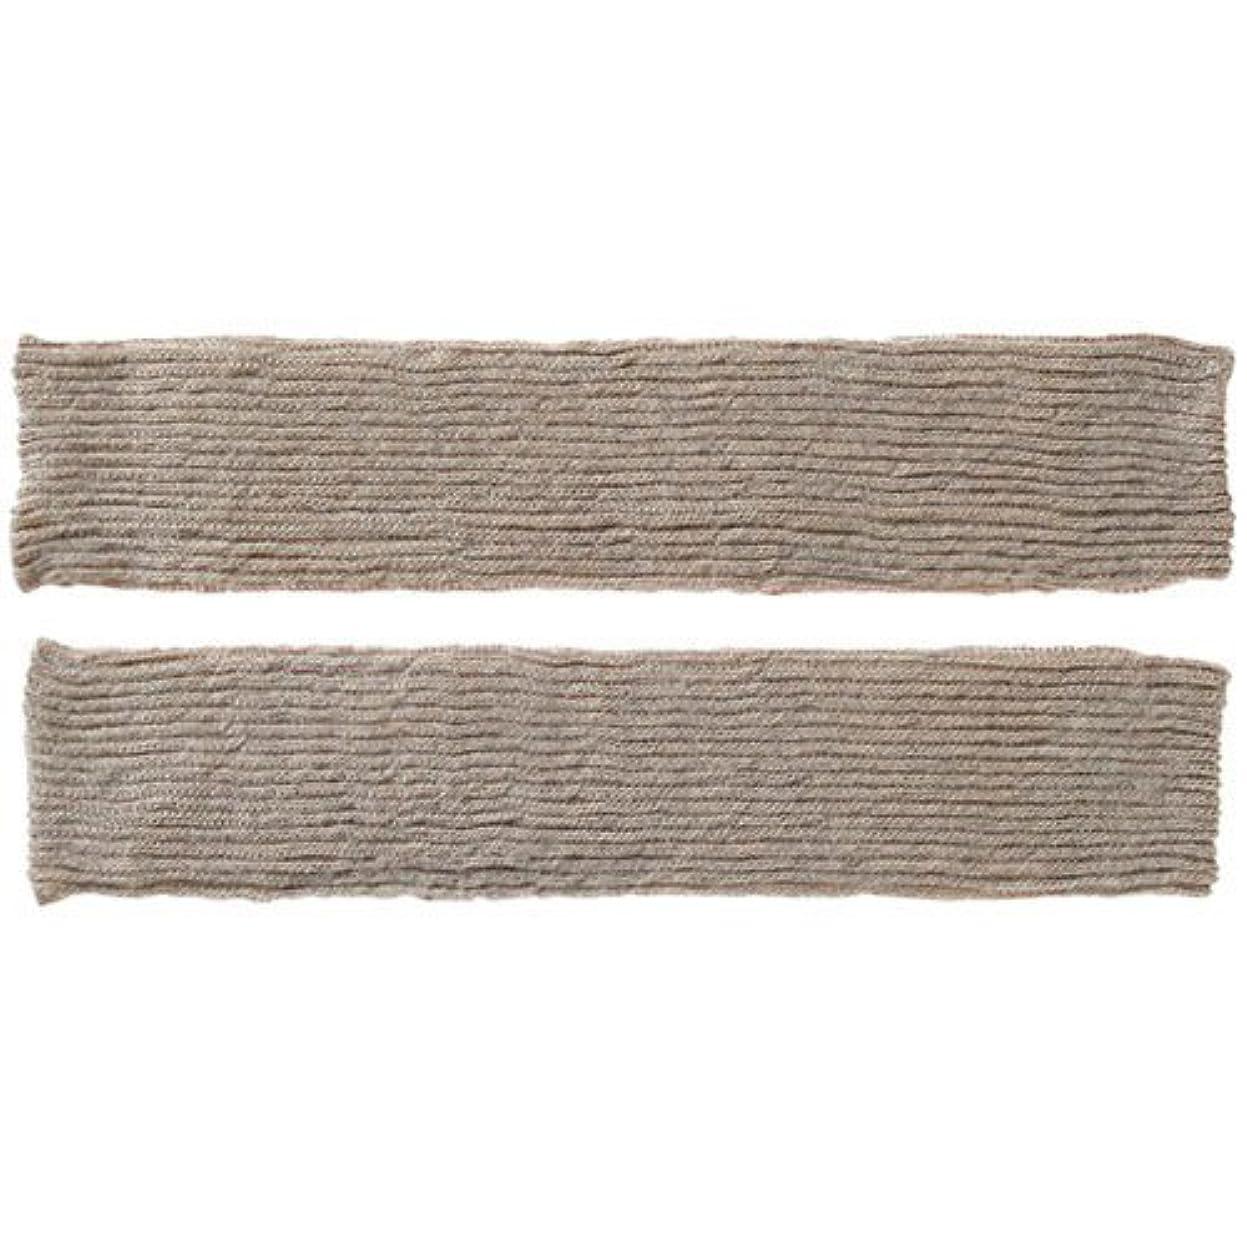 ラッドヤードキップリング十二習熟度コクーンフィット 伸びる2重編みレッグウォーマー CO-0694-80 ベージュ